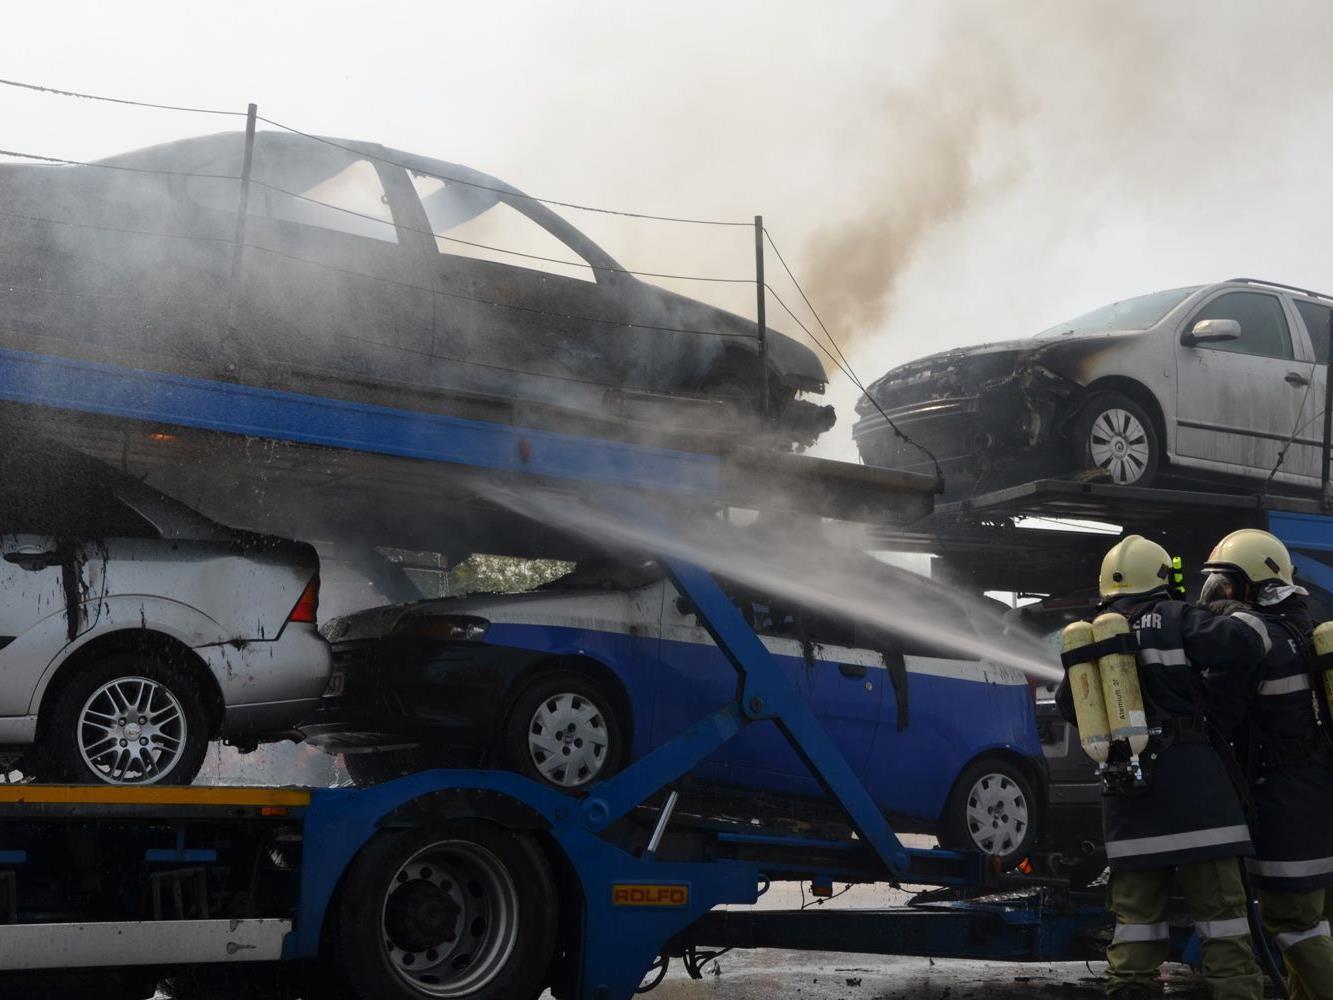 Die vier Feuerwehren hatten den Brand rasch unter Kontrolle und konnte so Schlimmeres verhindern.